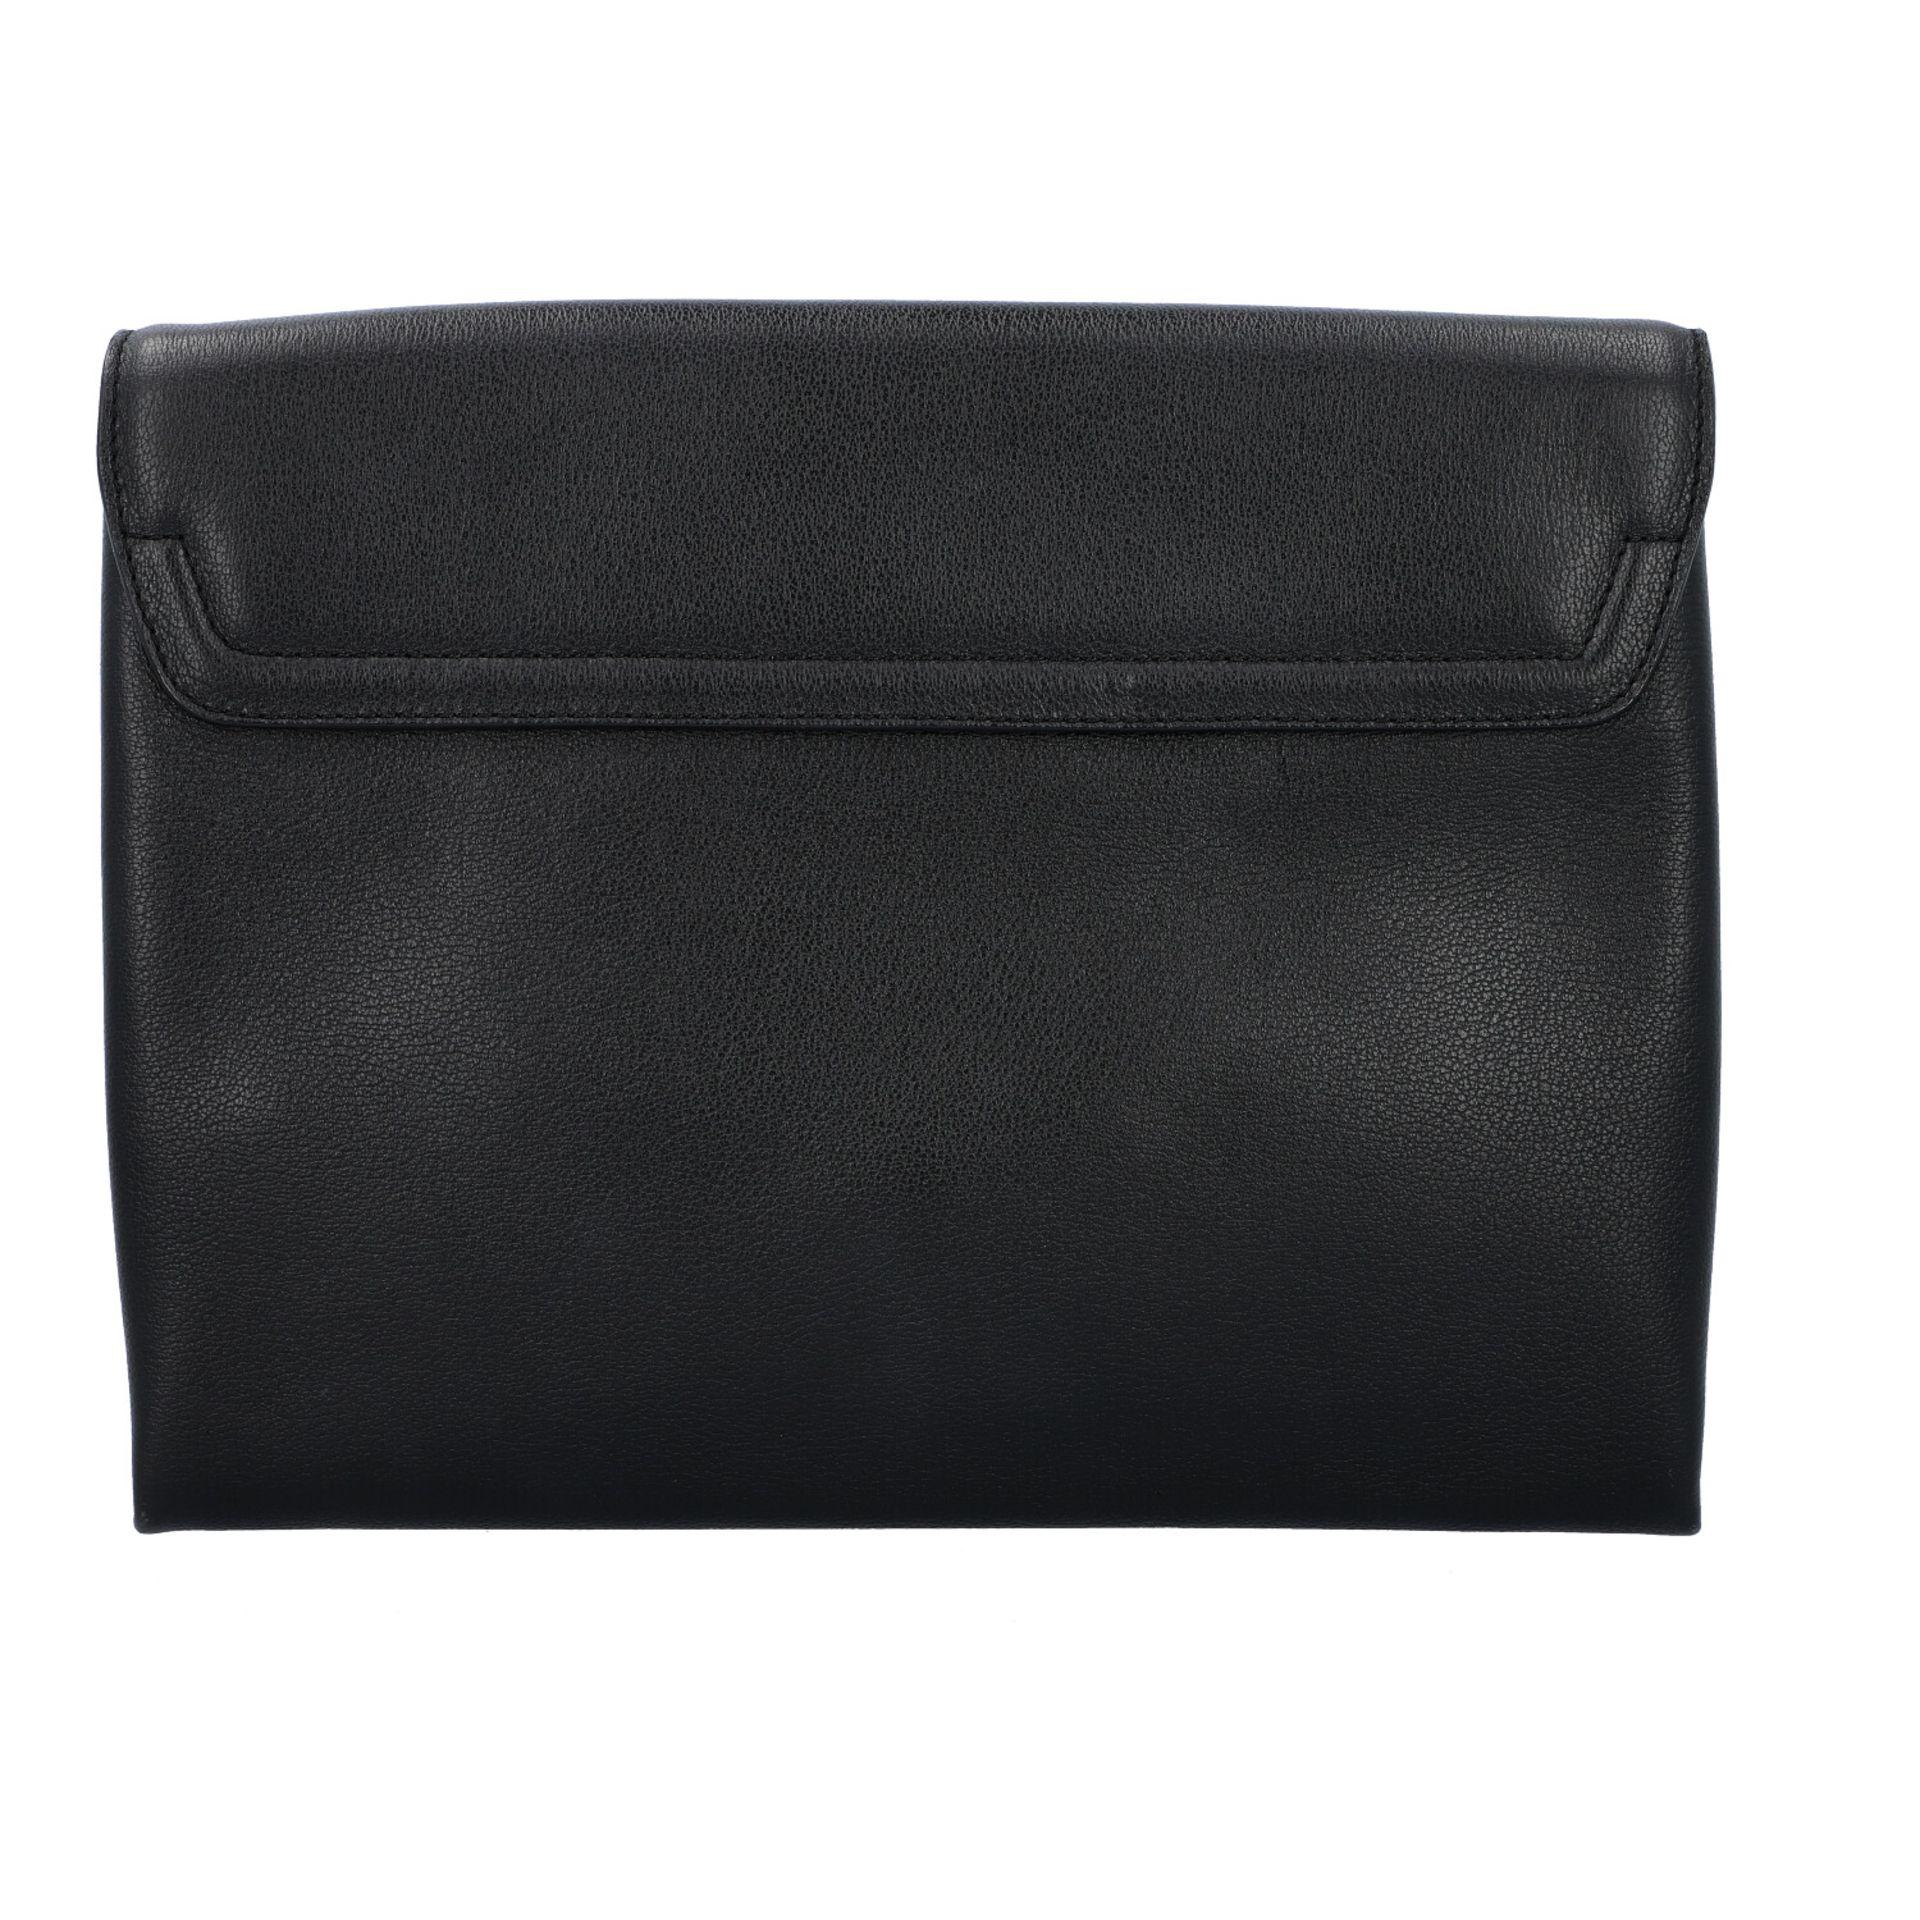 TOM FORD Clutch, NP. ca.: 1.900,-€. Schwarzes Leder mit Reißverschluss Außenfach a - Image 4 of 7